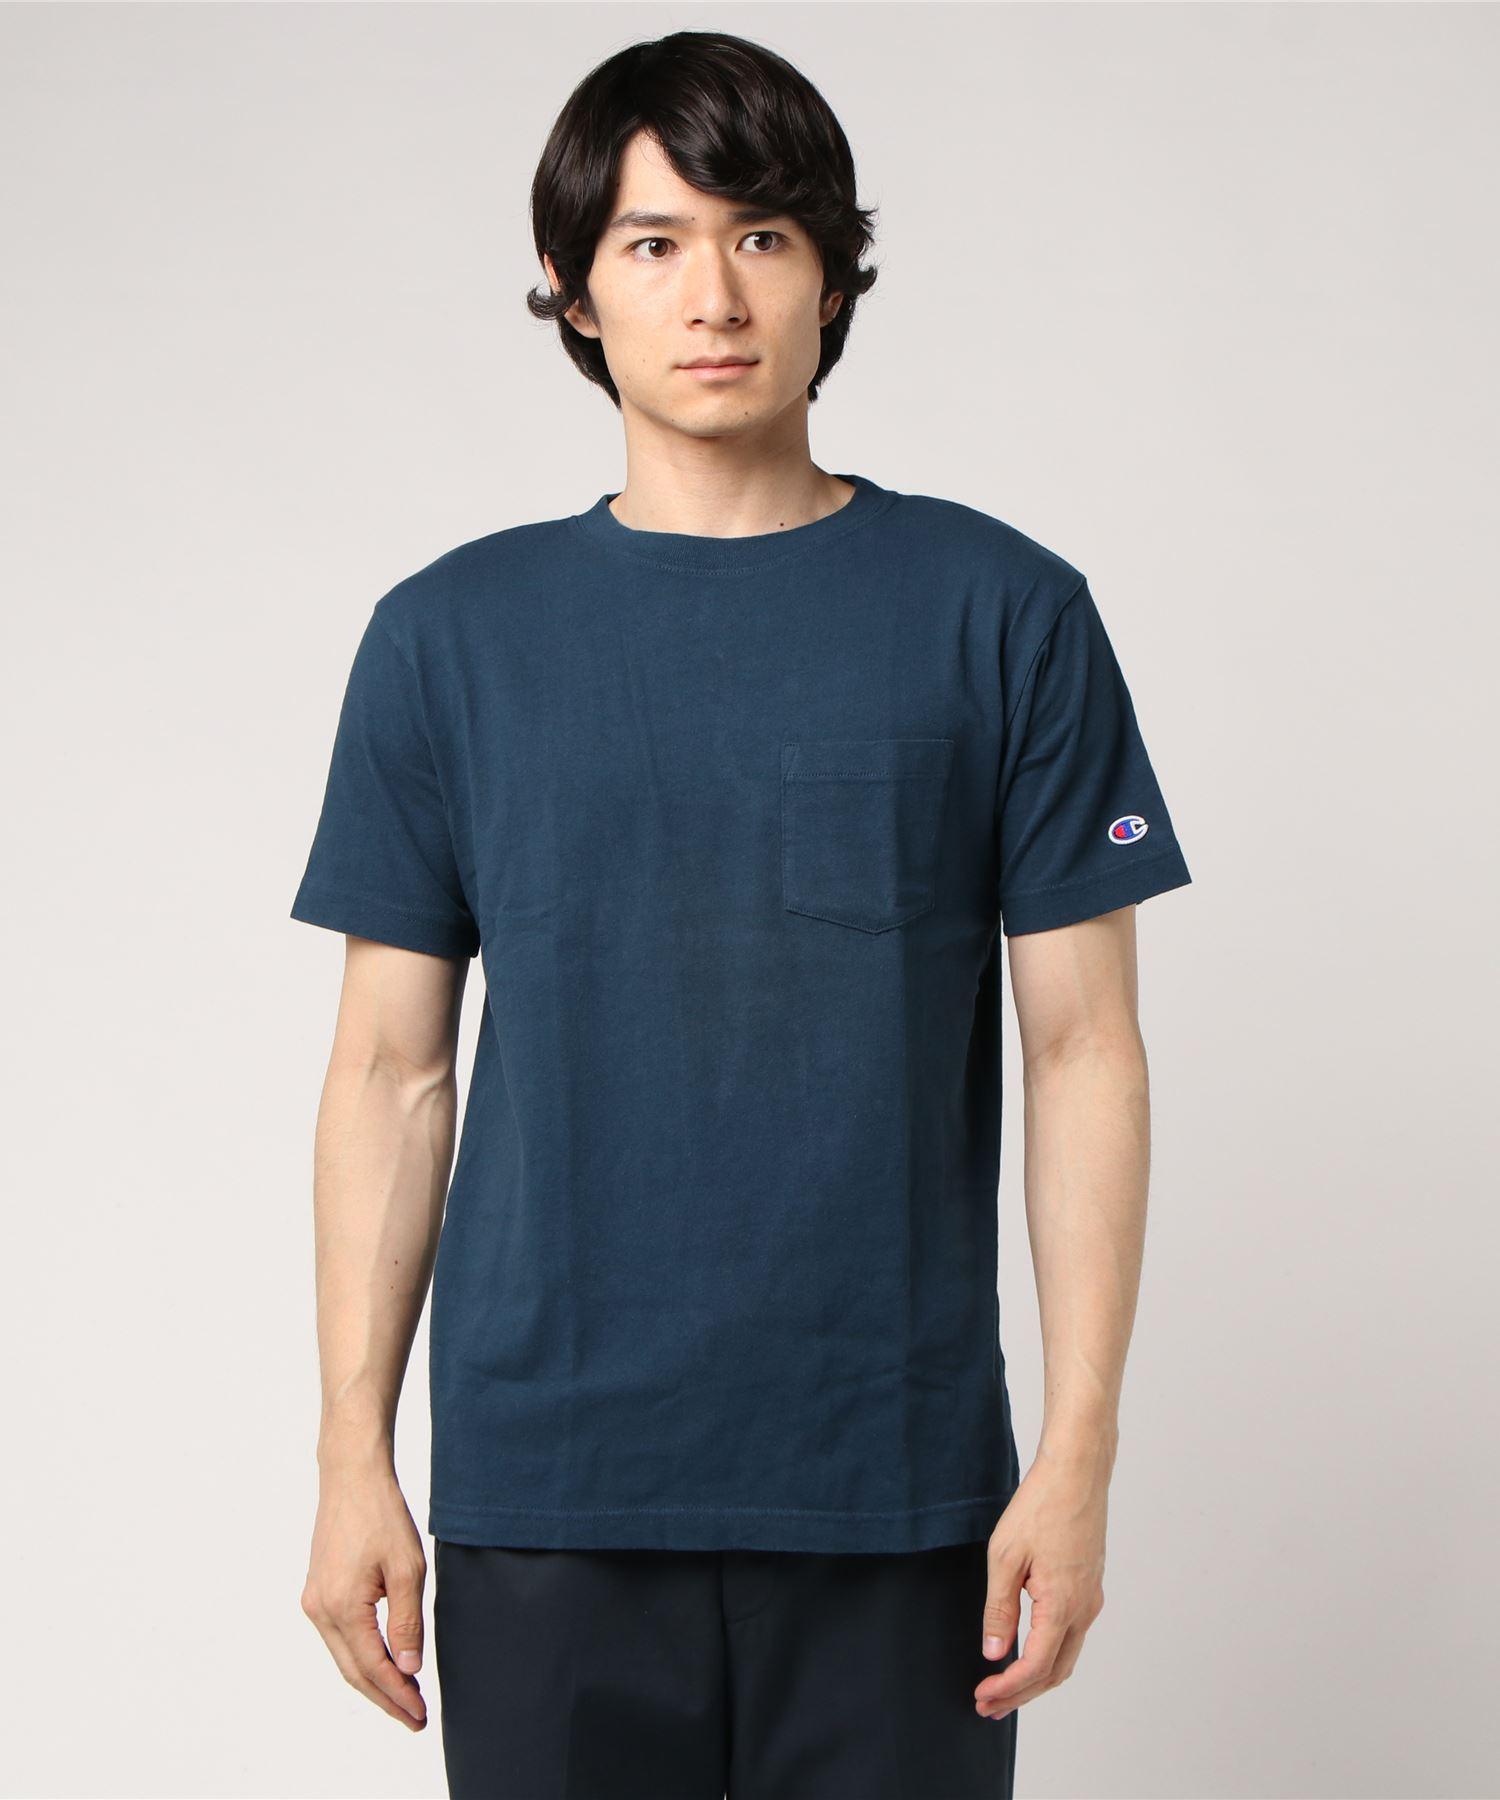 【Champion】ポケットTシャツ